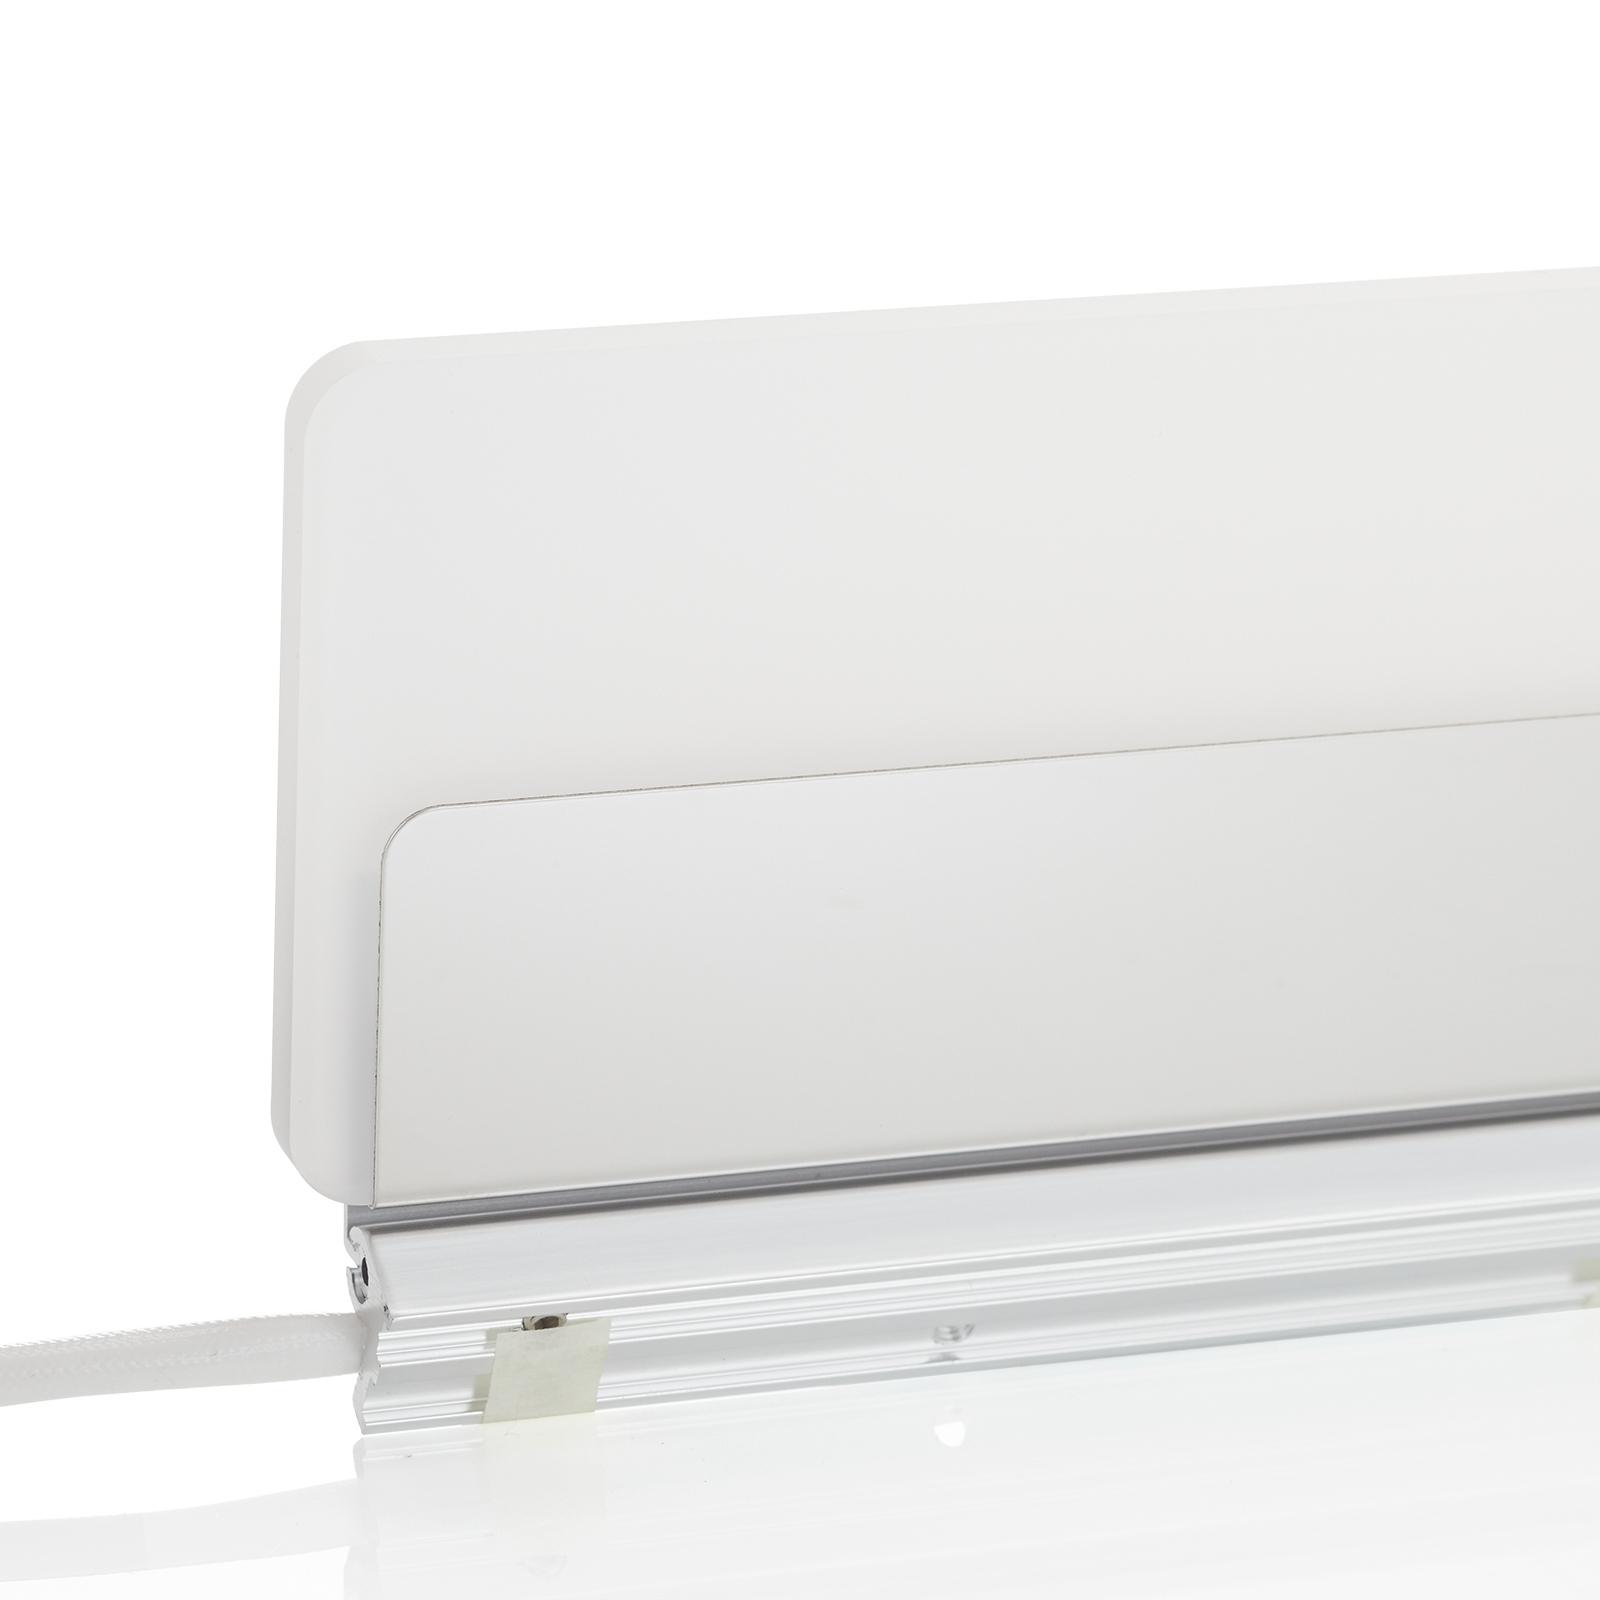 LED svítidlo nad zrcadlo Katherine S2, IP44, 30 cm